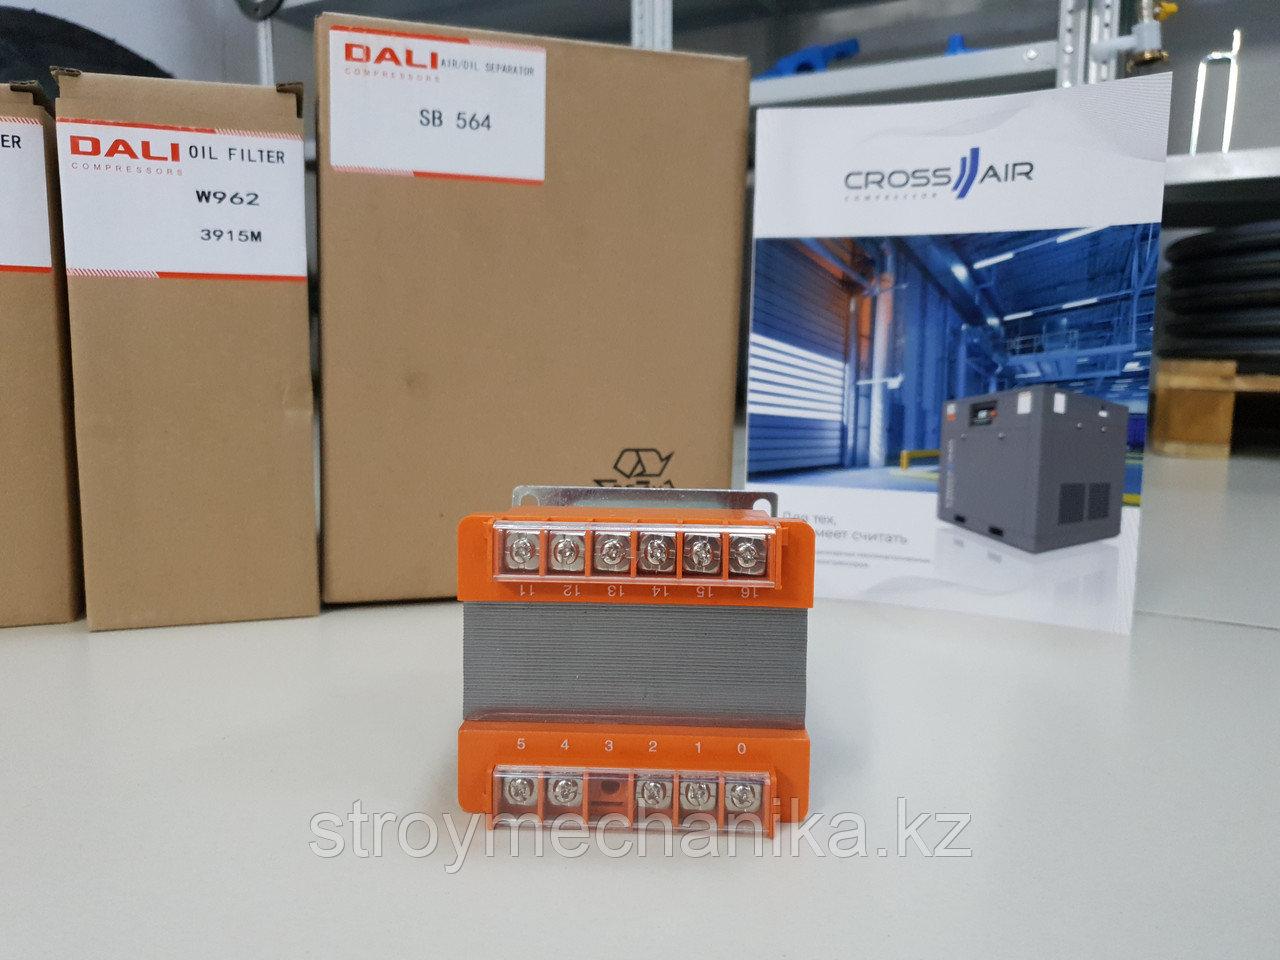 Понижающий трансформатор для винтового компрессора 30 кВт, 37 кВт, 45 кВт Dali, Crossair